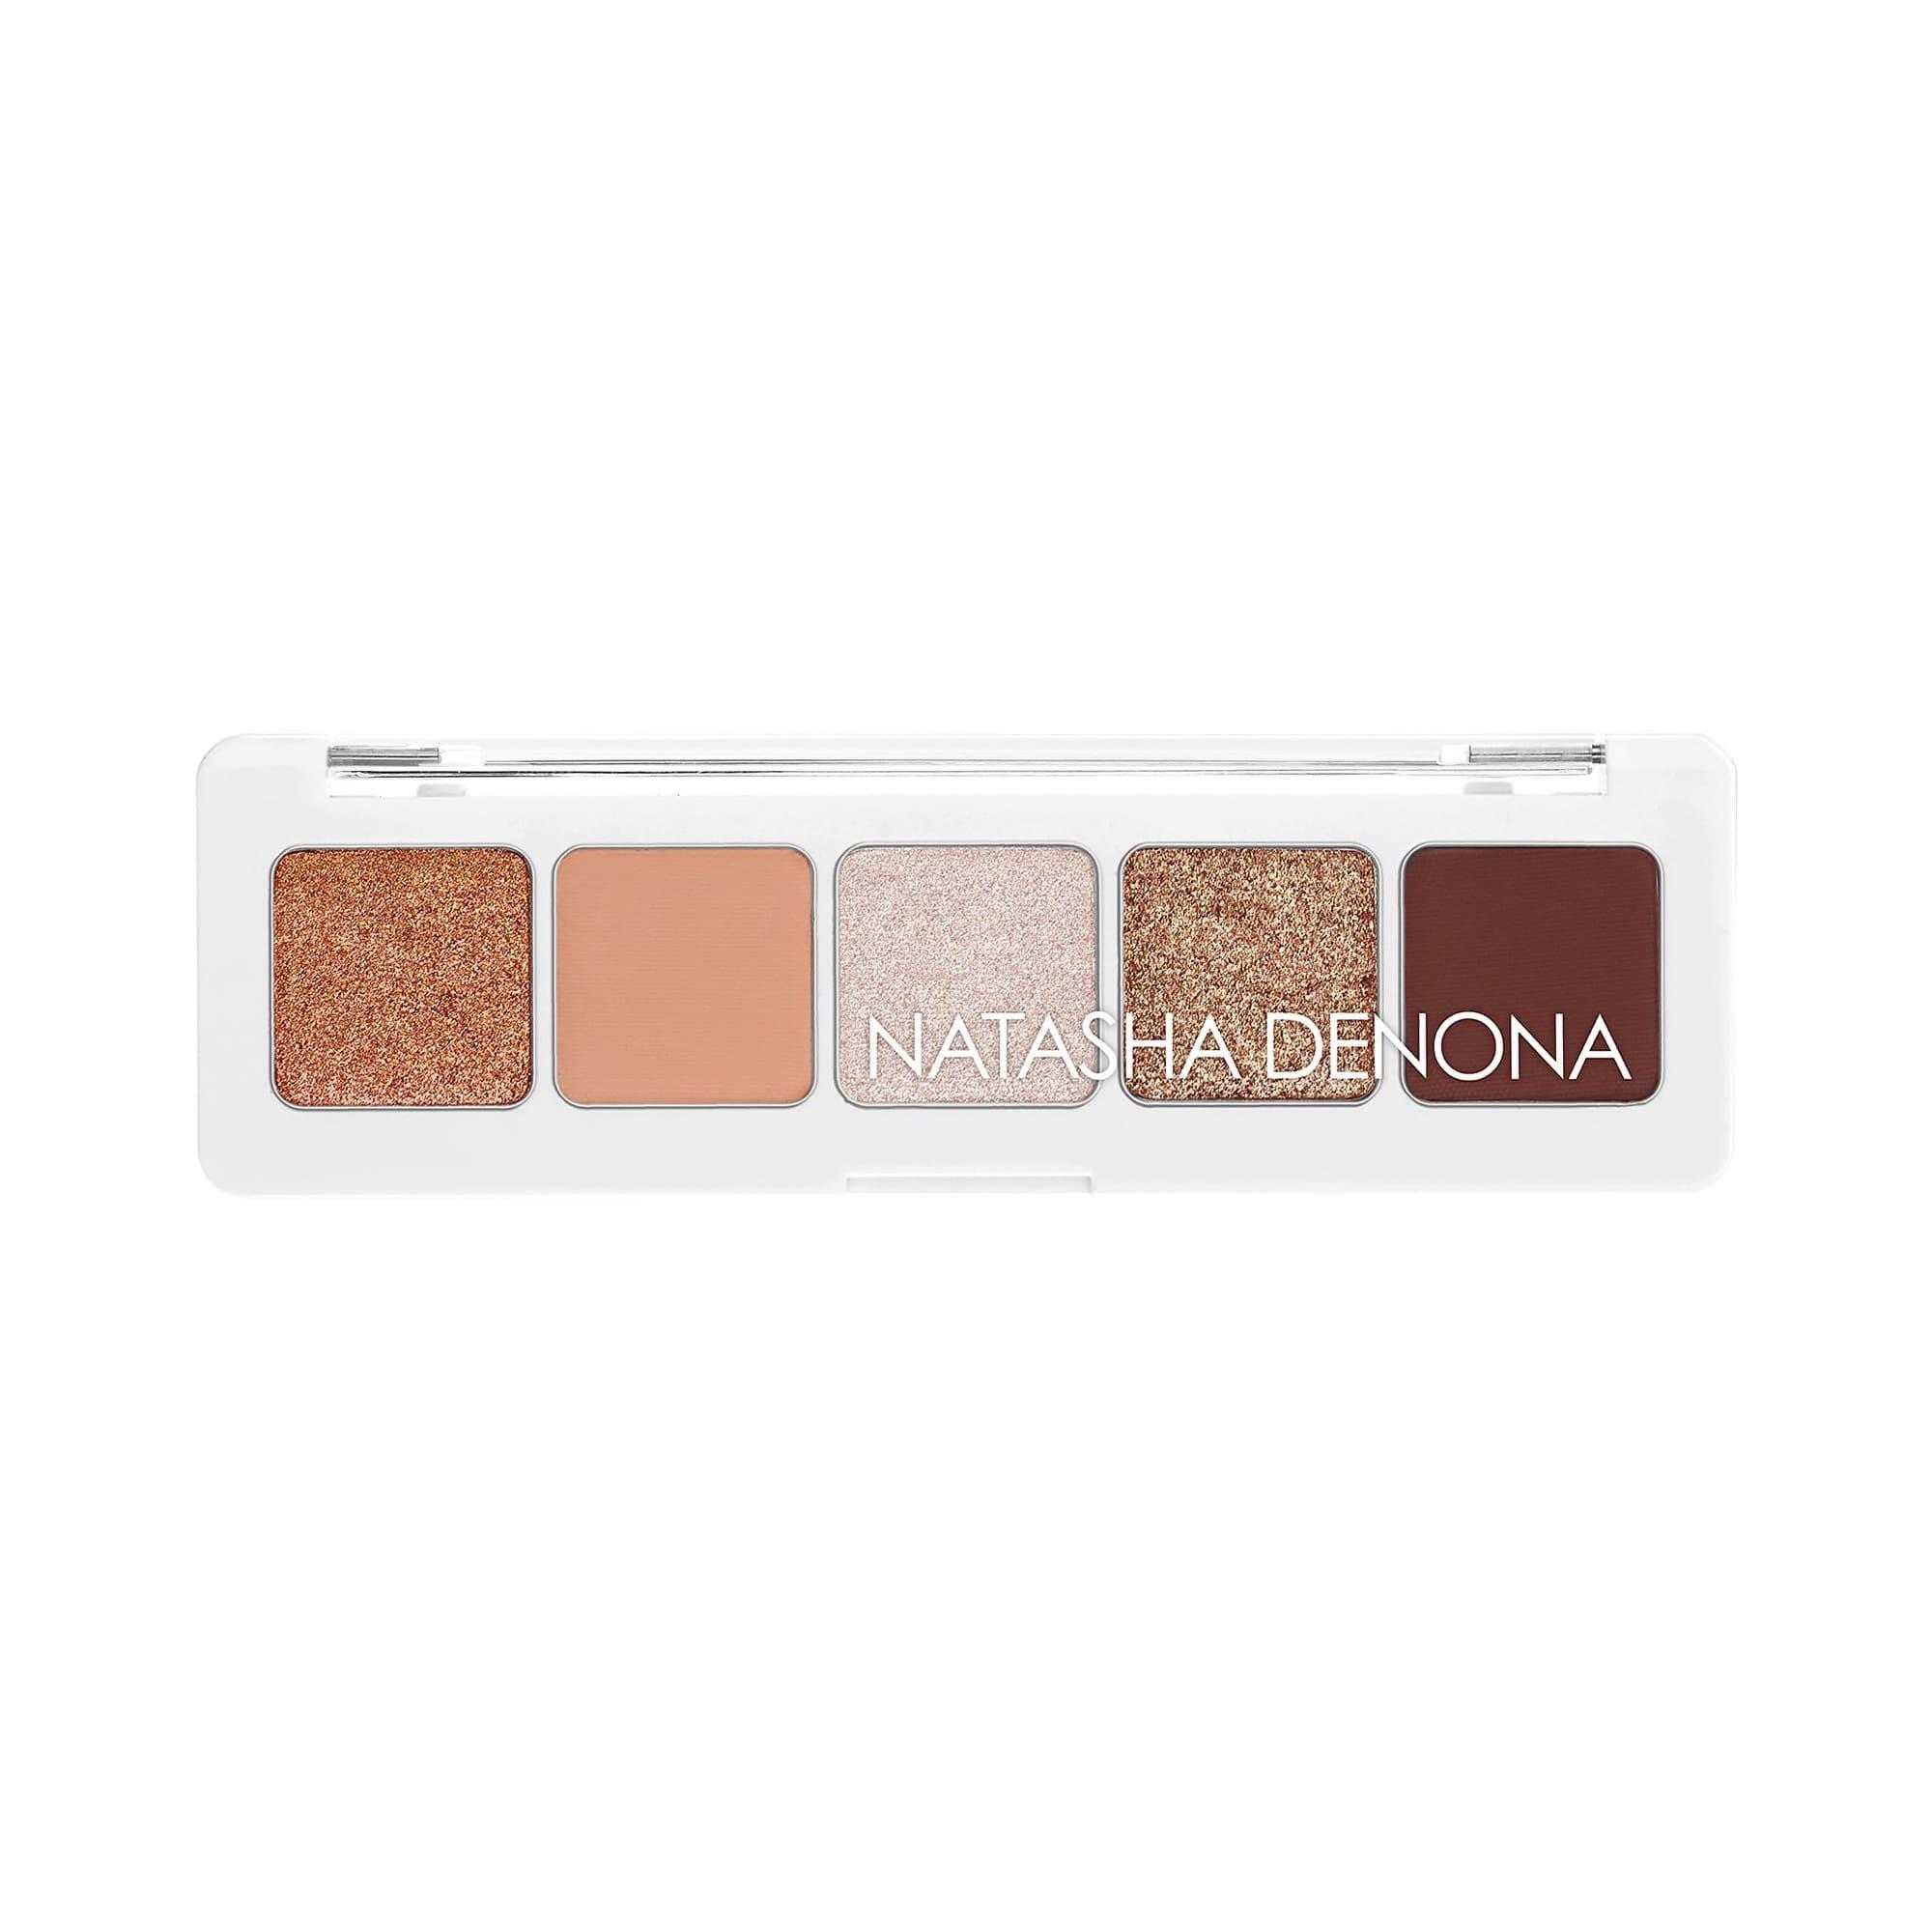 Natasha Denona Mini Nude Eyeshadow Palette